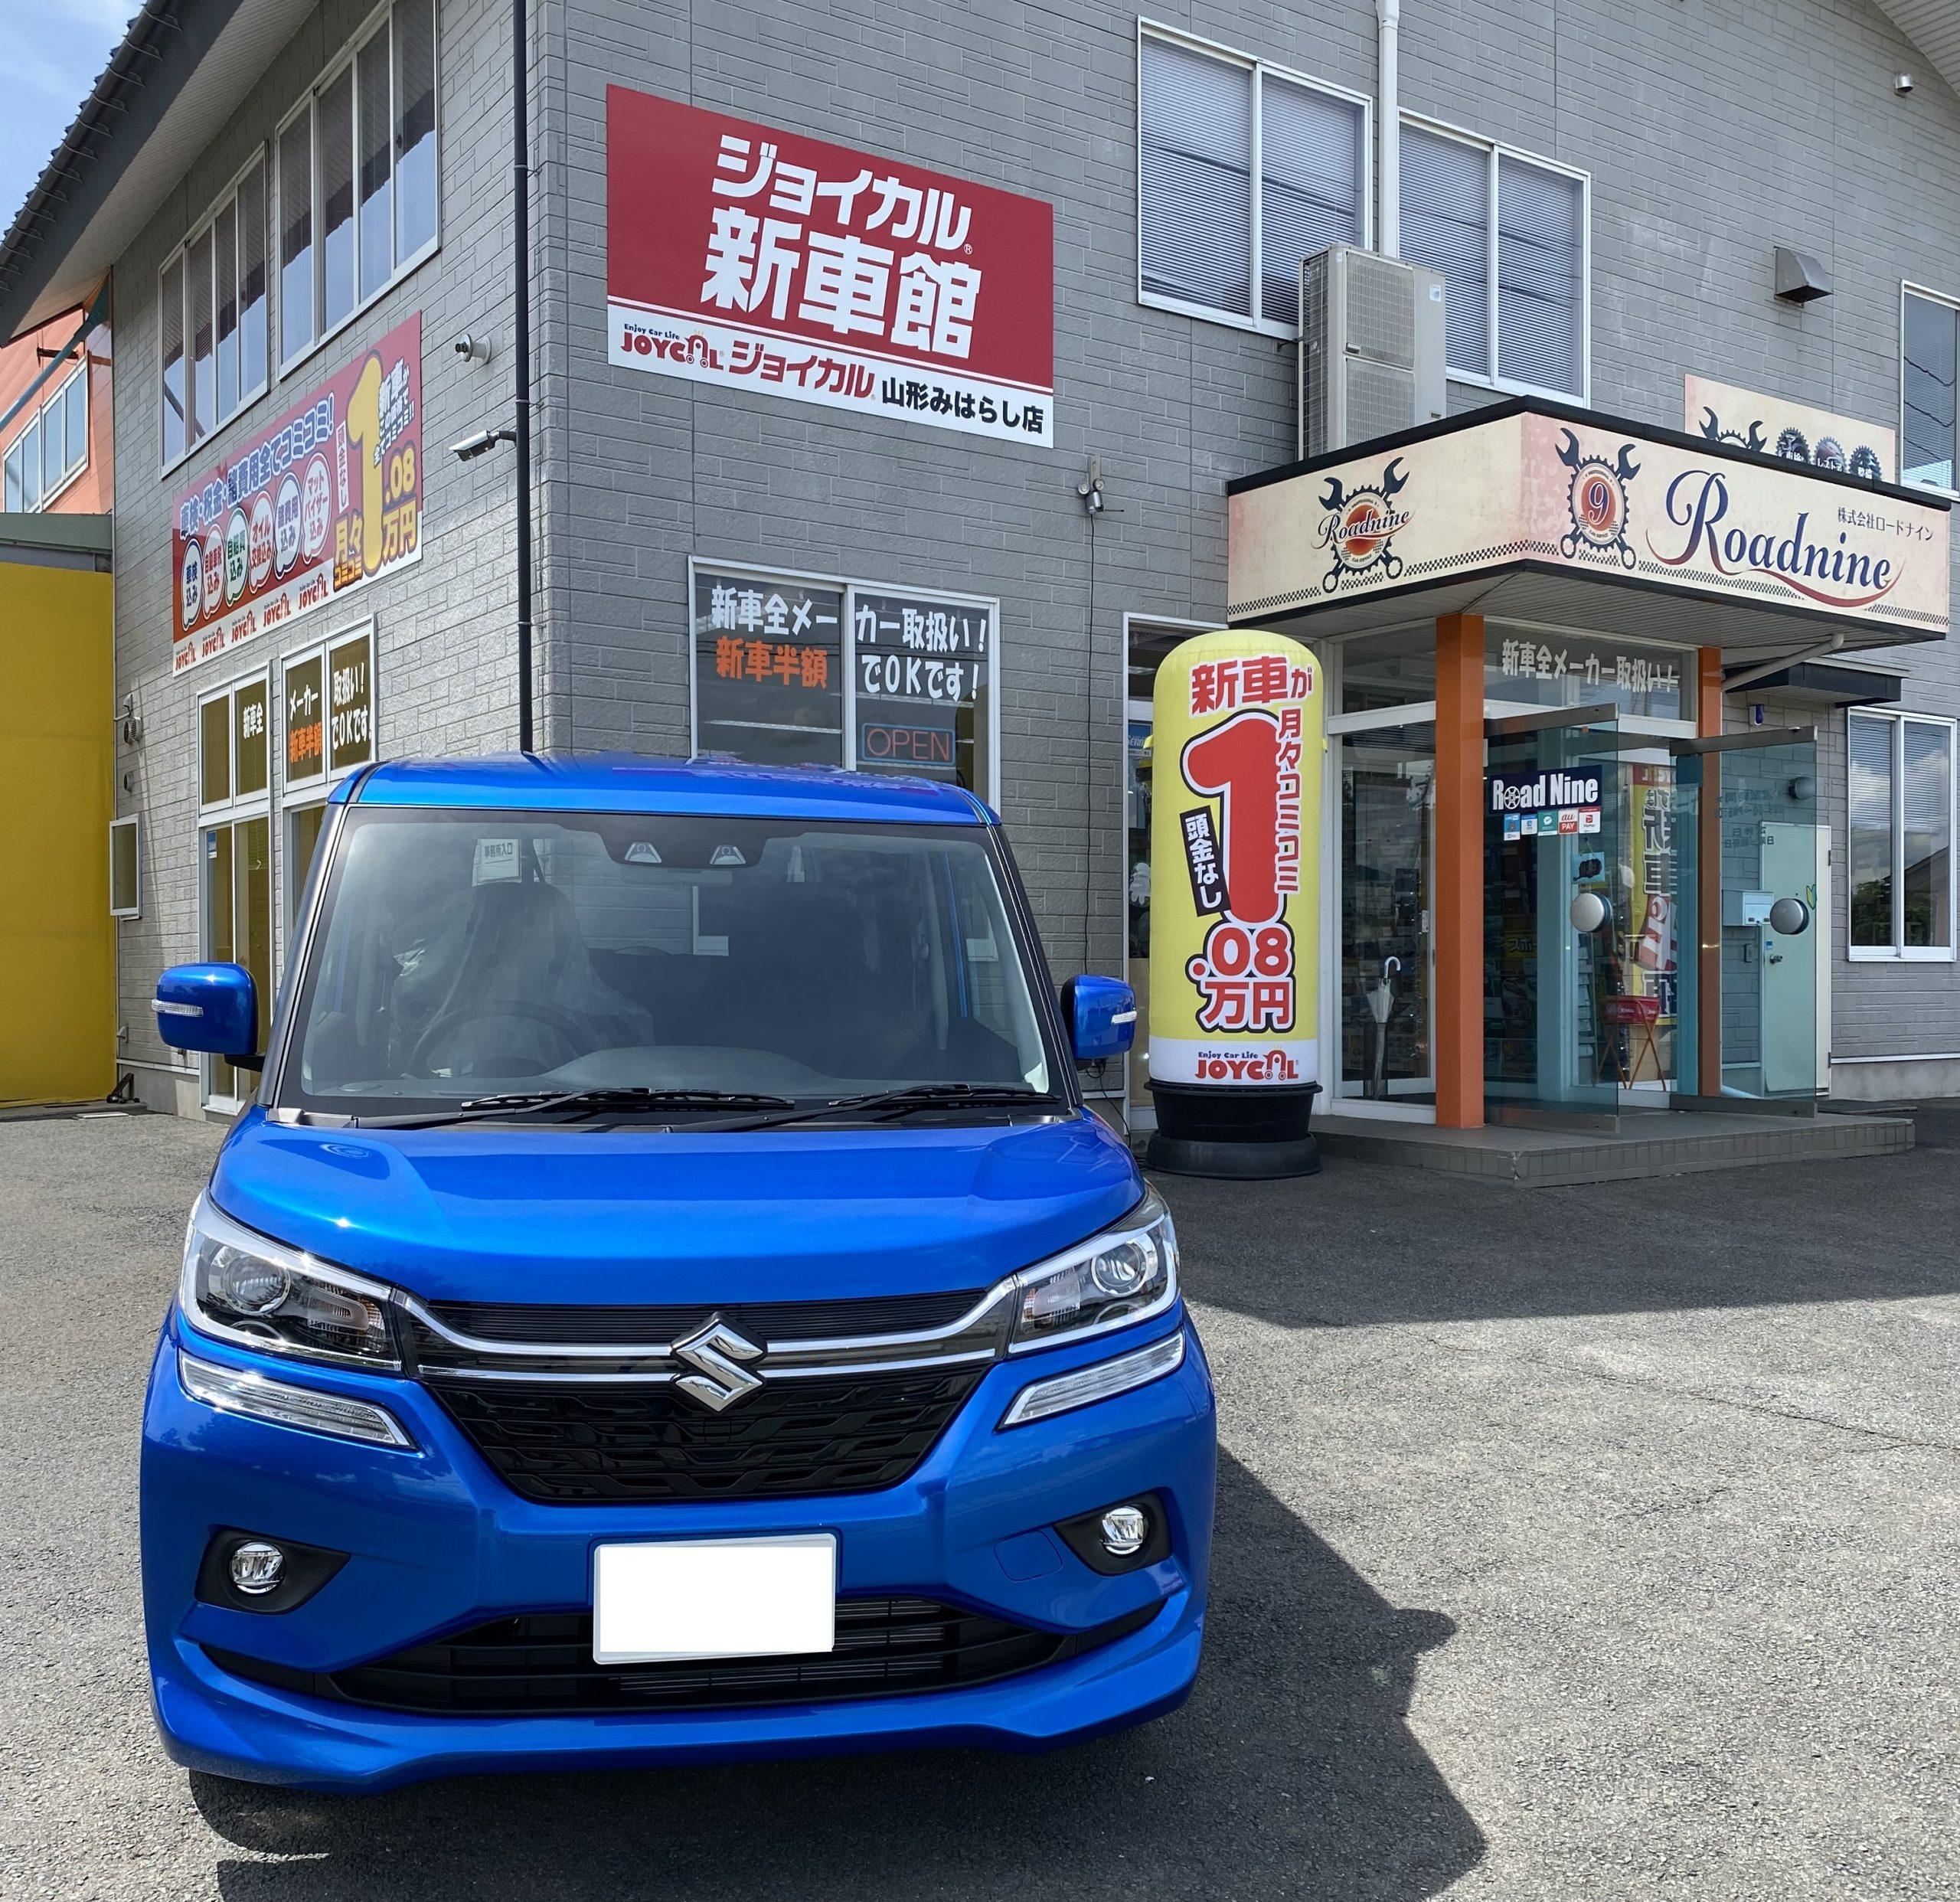 山形県 山形市 新車 スズキ ソリオ バンディット リース 新車販売 車両販売の画像